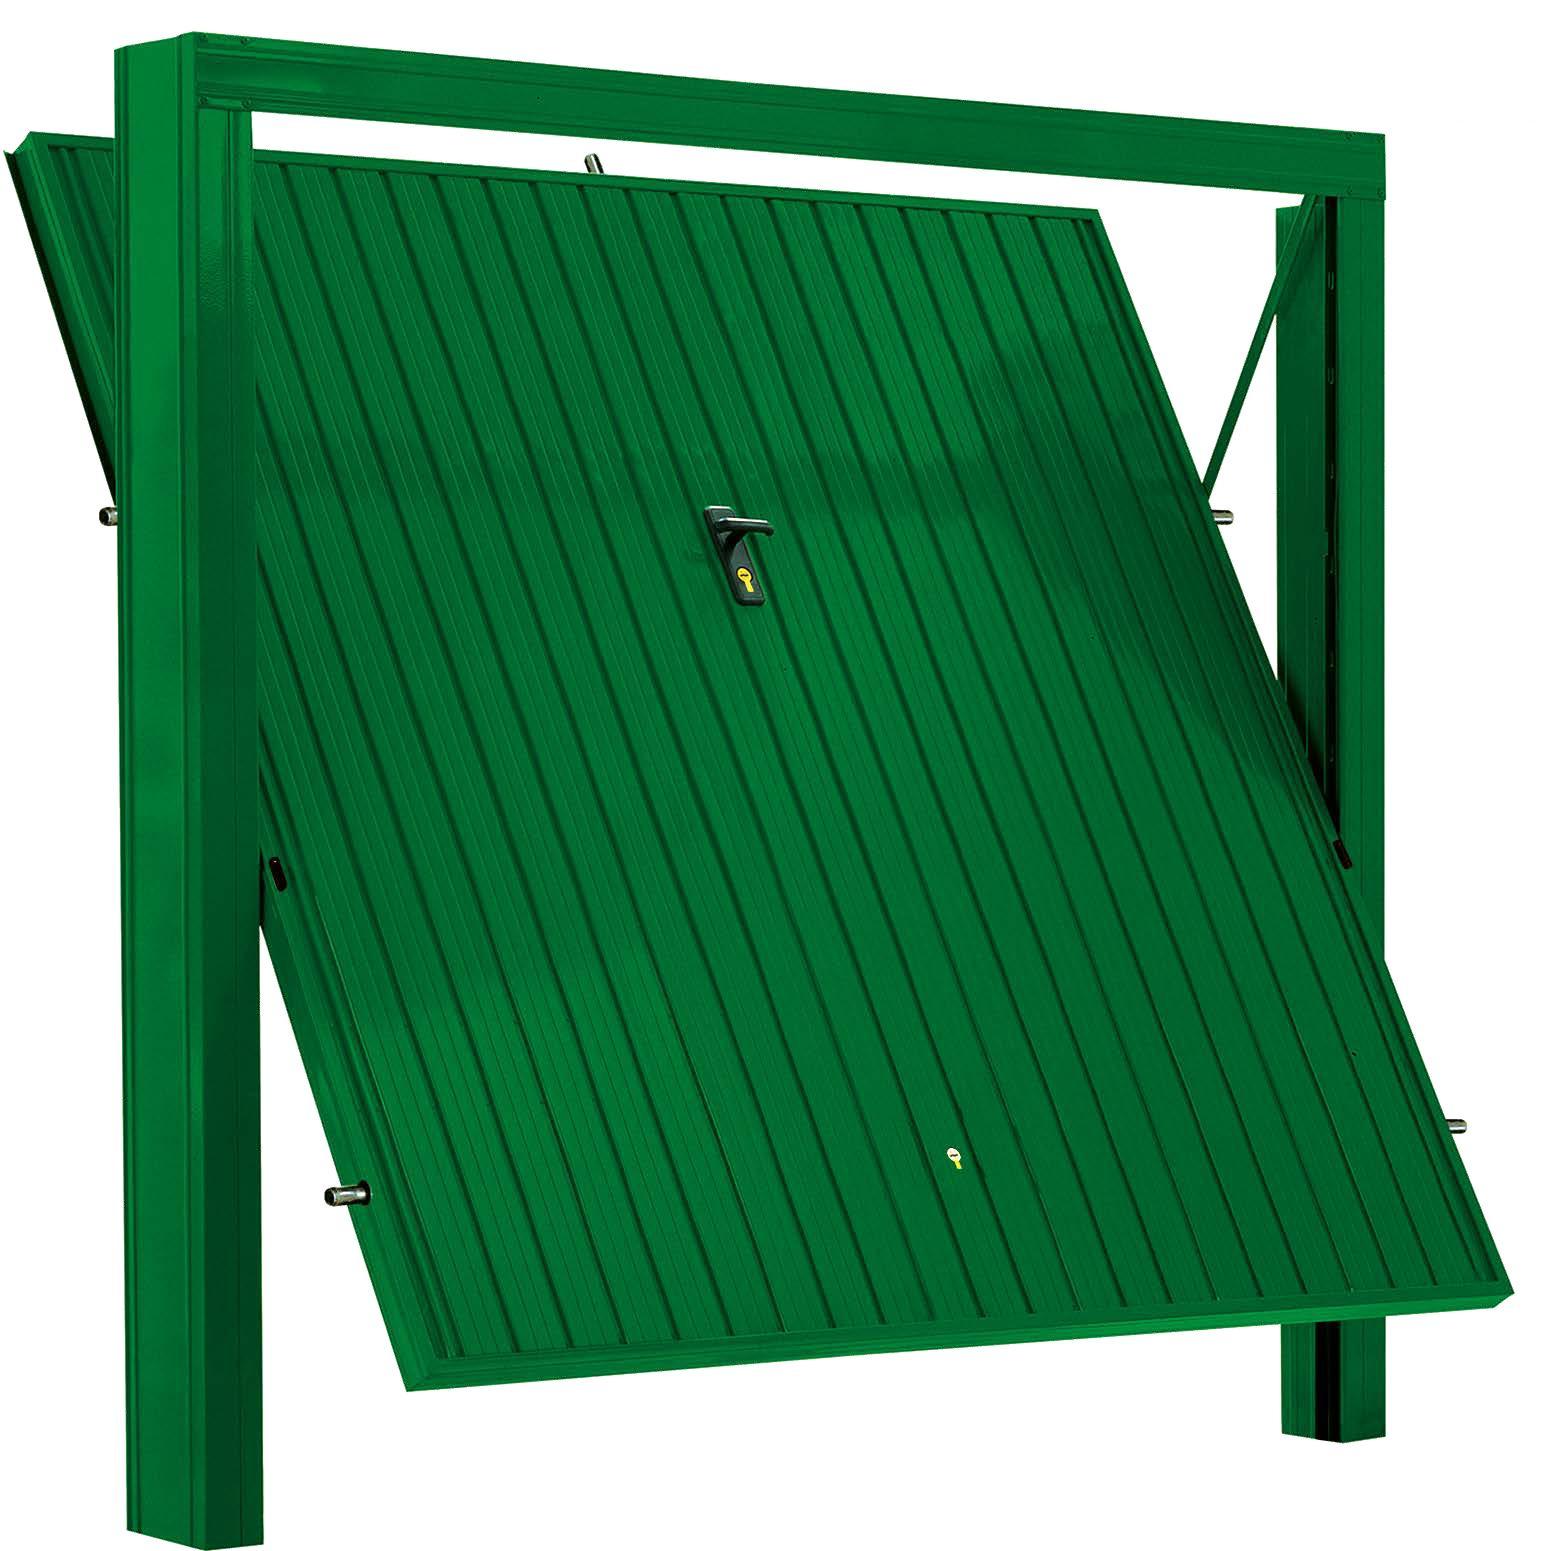 Porte anti effrazione brescia sandrini serrande for Sandrini serrande